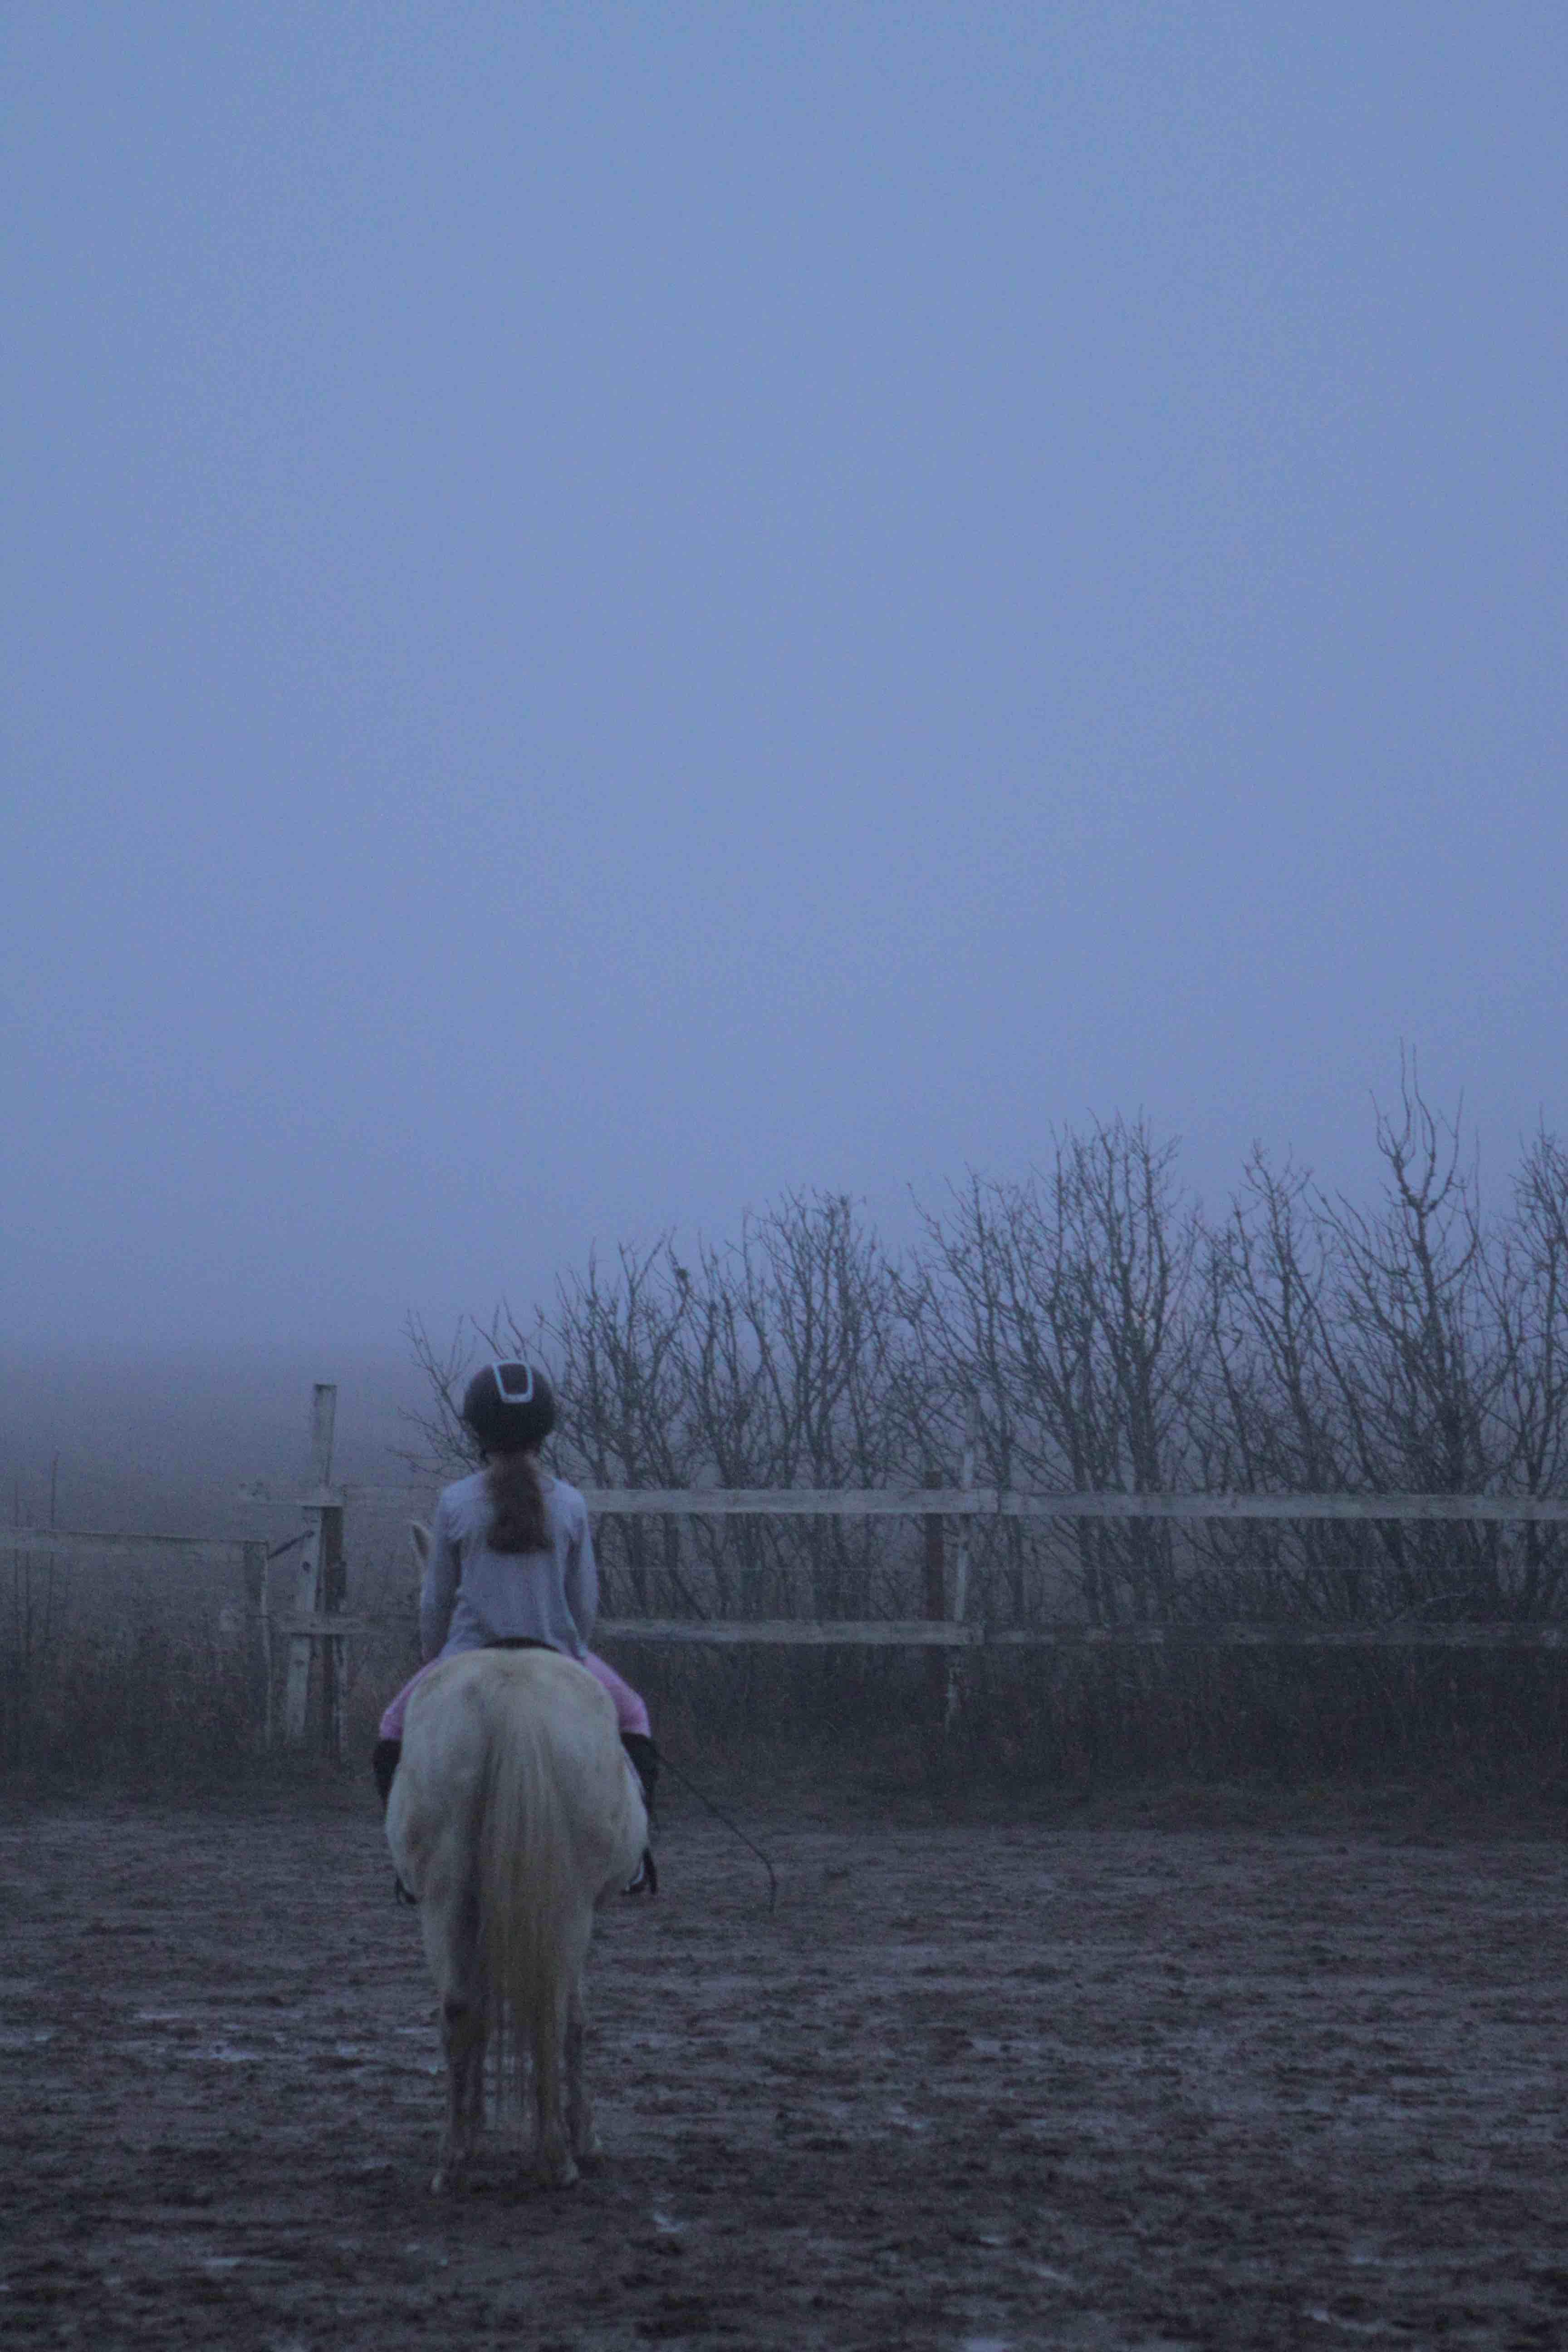 pony, pony riding, pony in fog, pony autumn, pony and girl